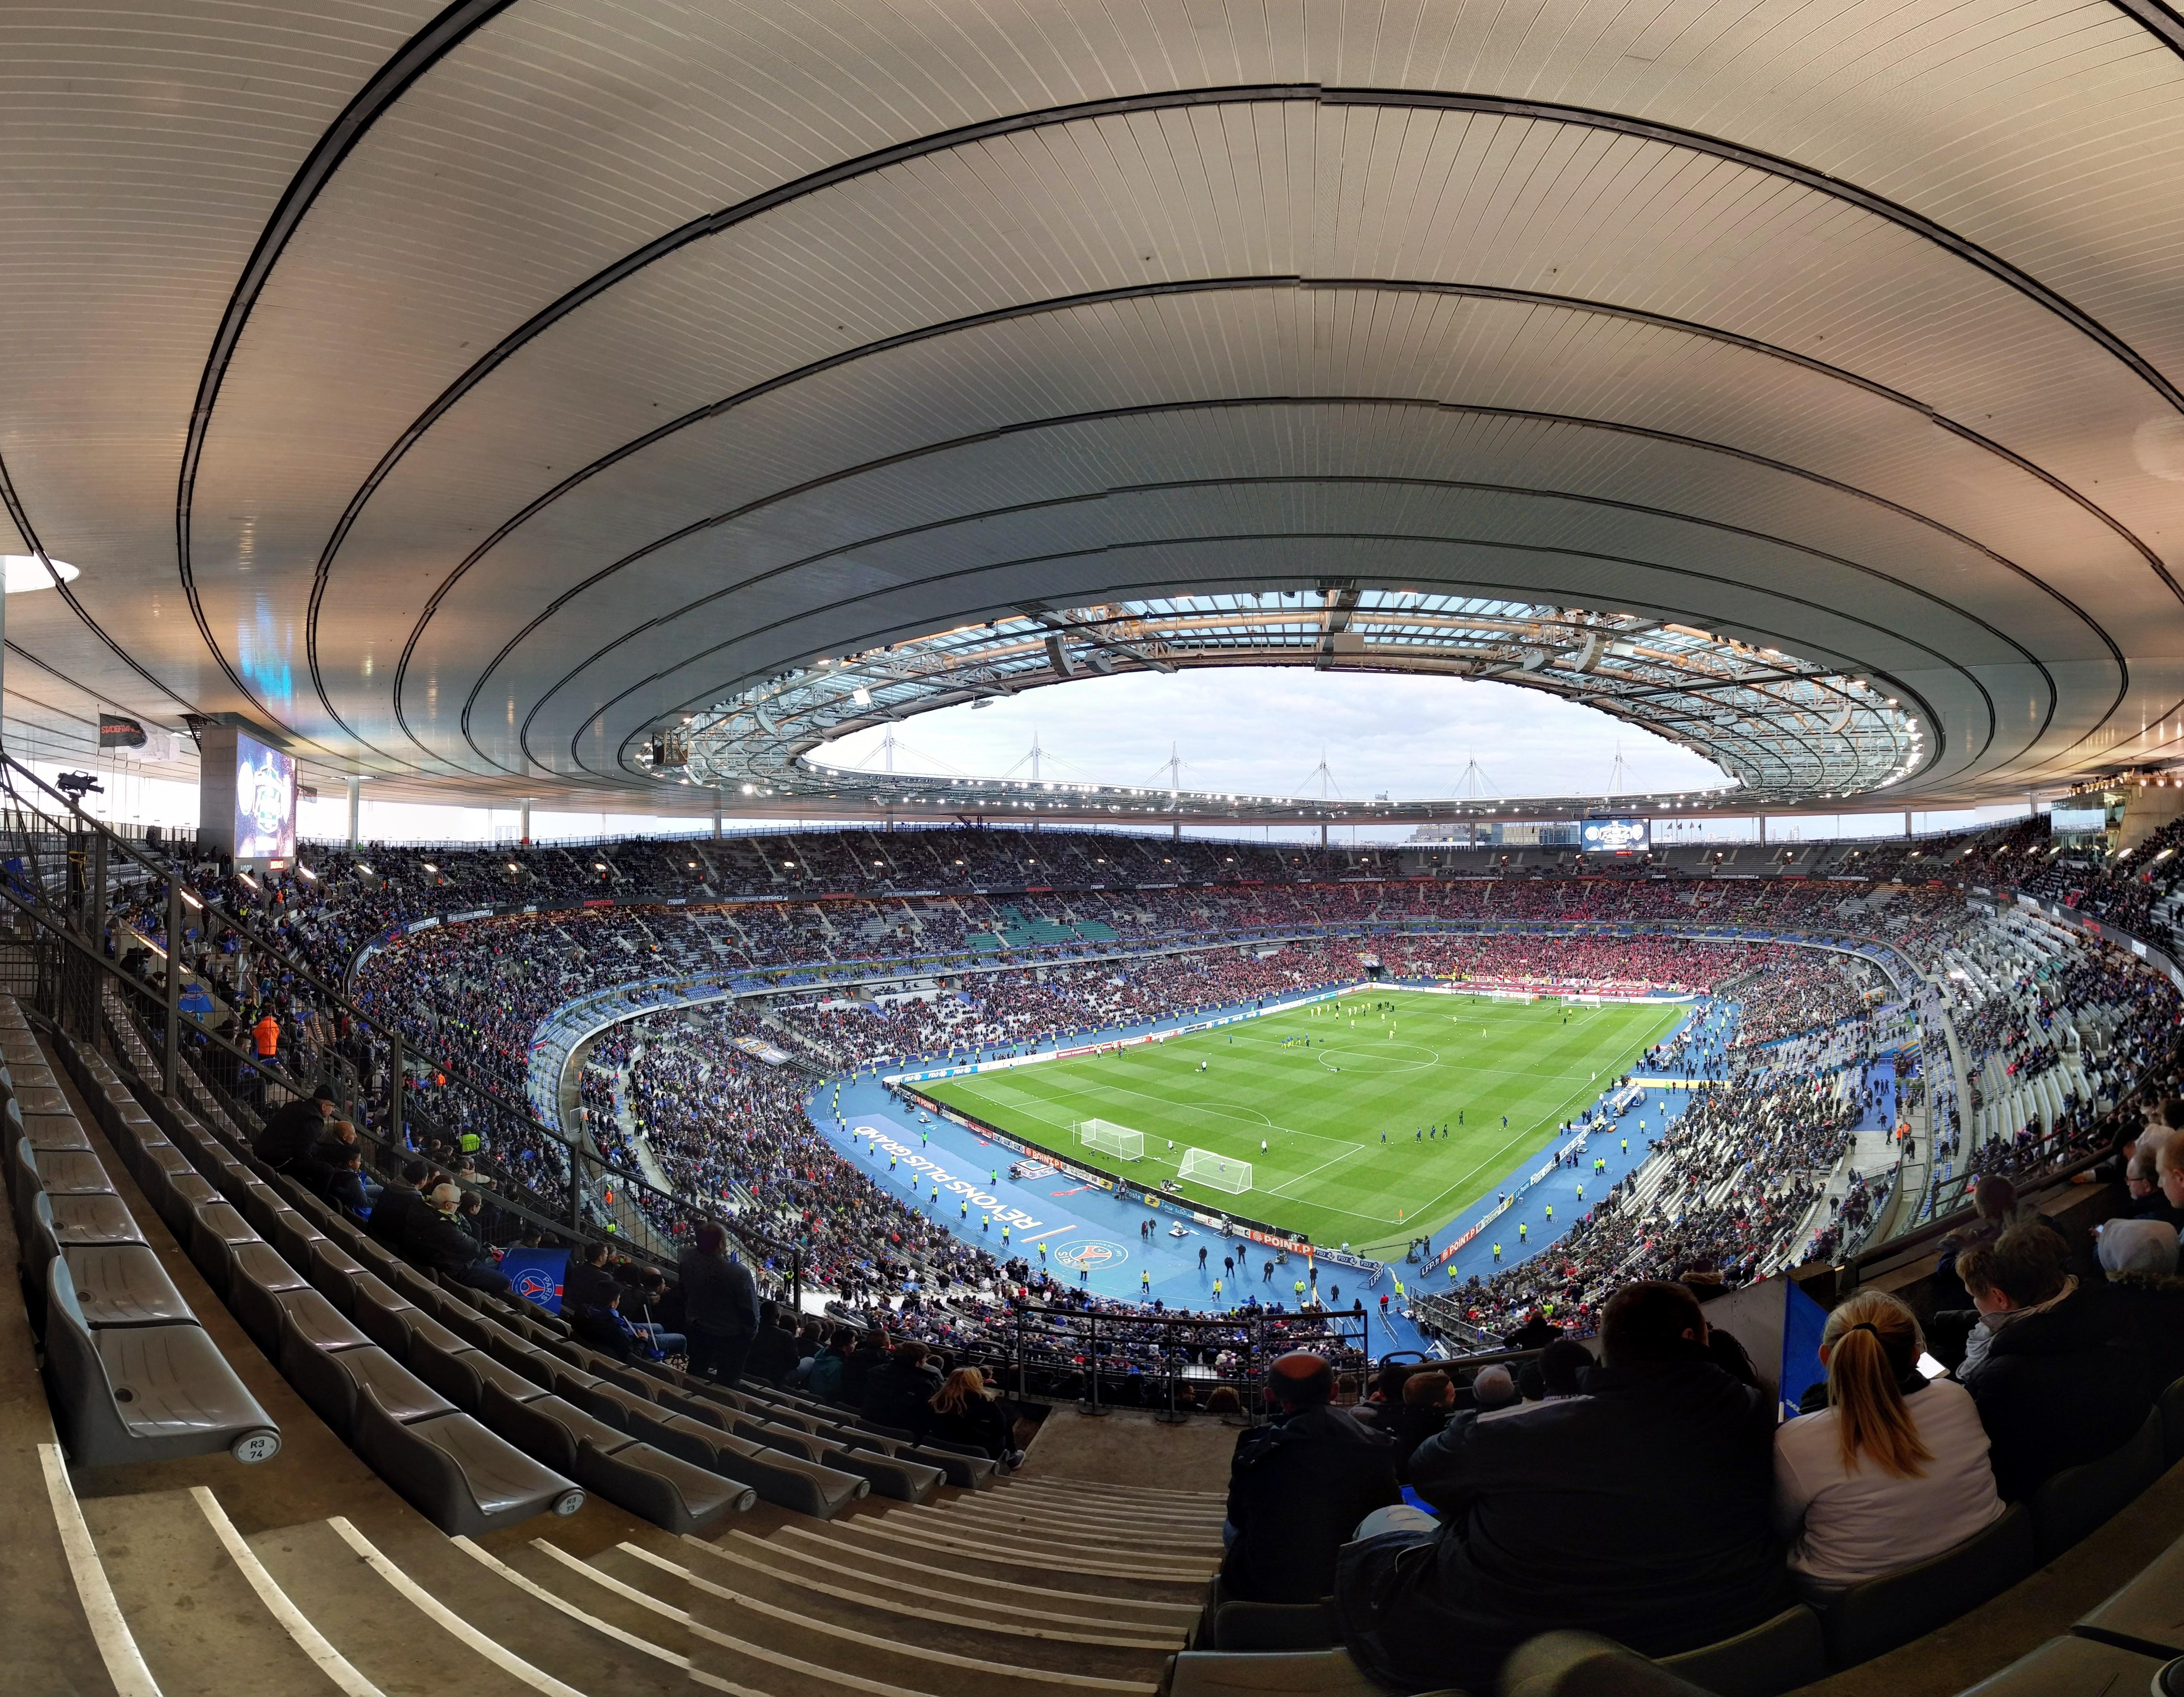 File le stade de france lors de la finale de la coupe de la ligue 2015 wikimedia - Stade de france coupe de la ligue ...